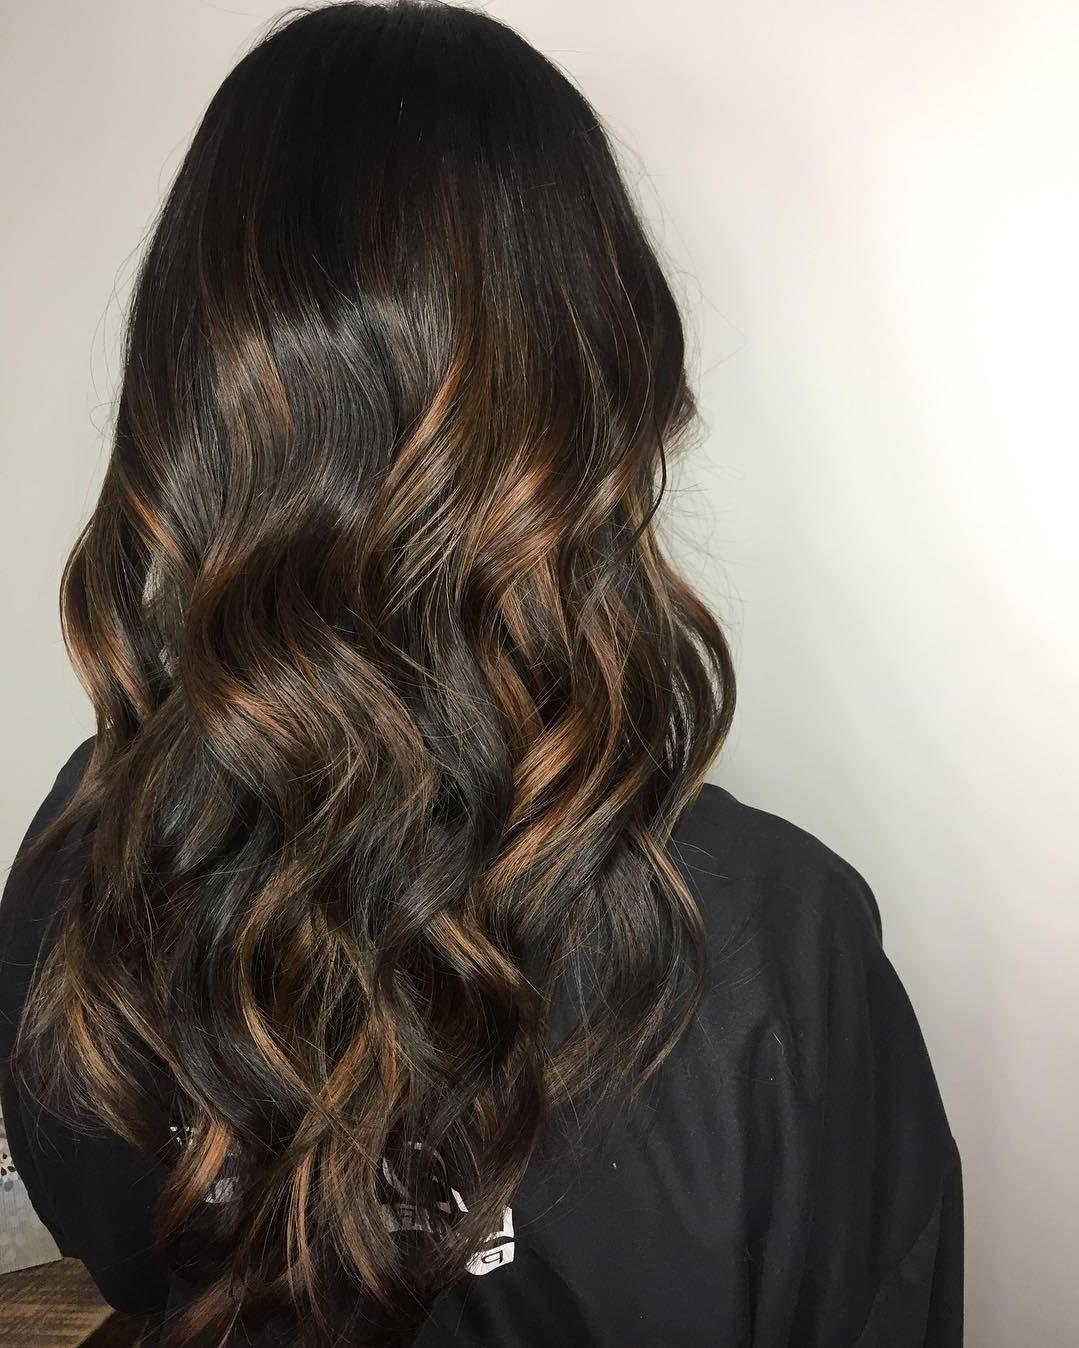 Choisissez une coiffure avec des mèches pour vos cheveux ondulés.